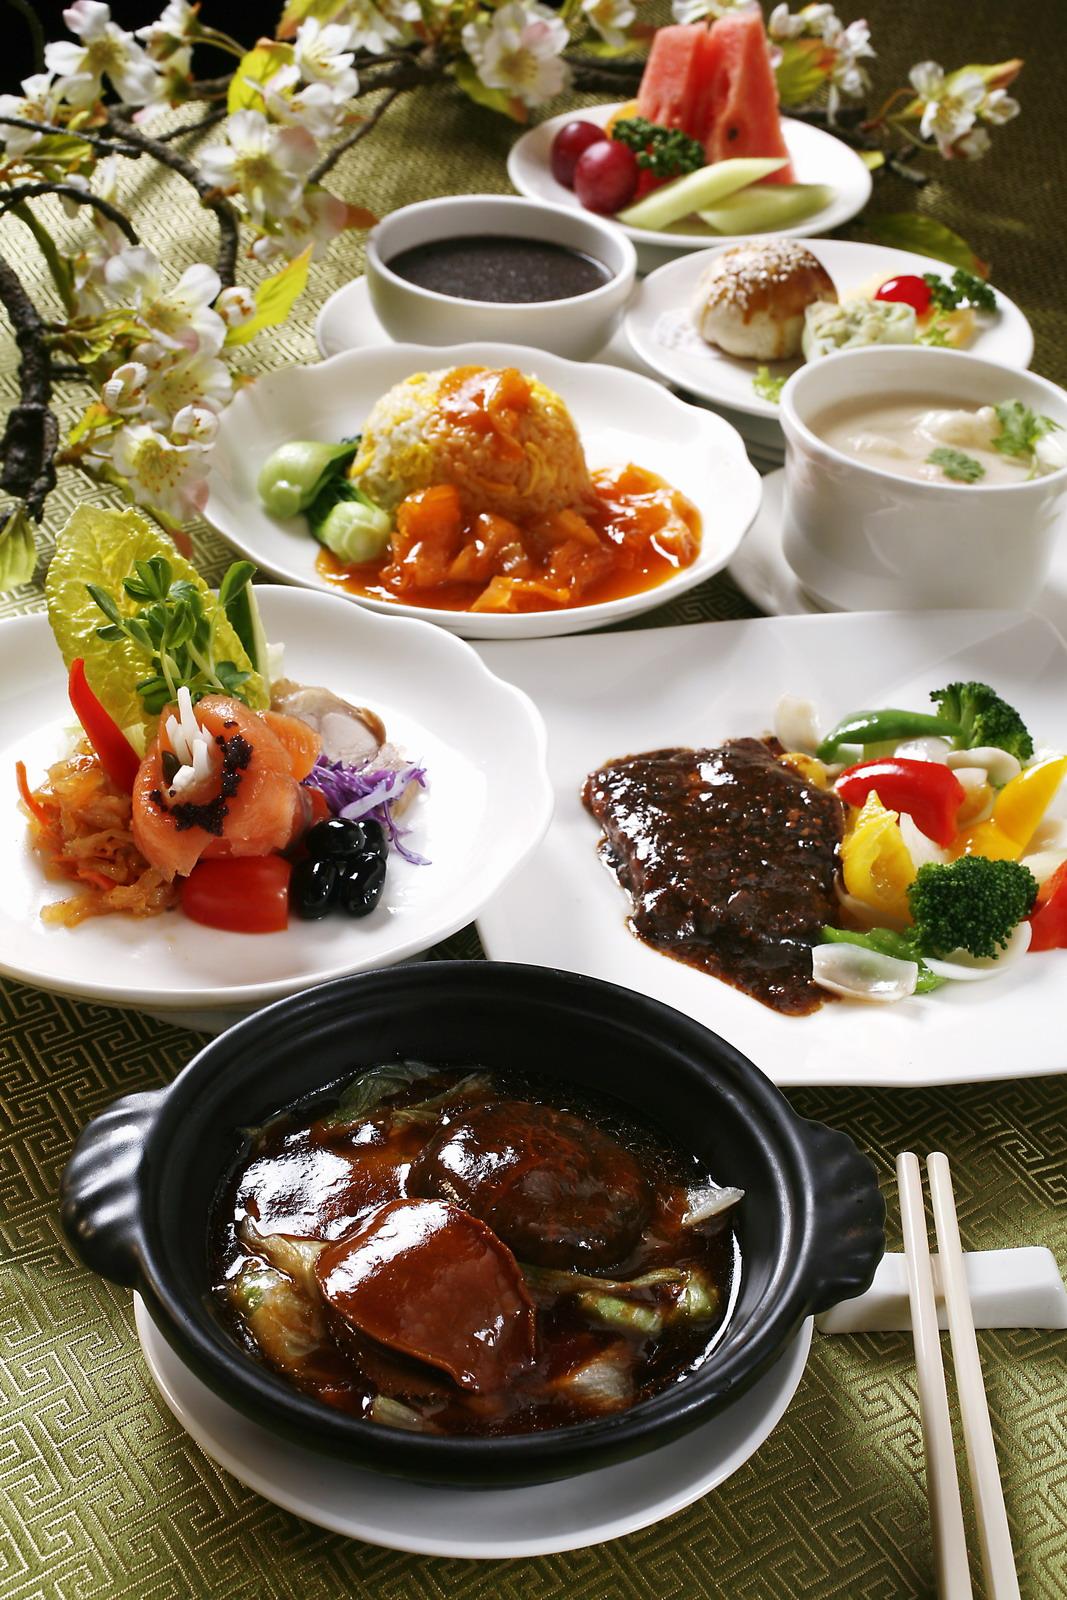 原只鮑魚花菇美味饗宴 款待賓客的超值選擇